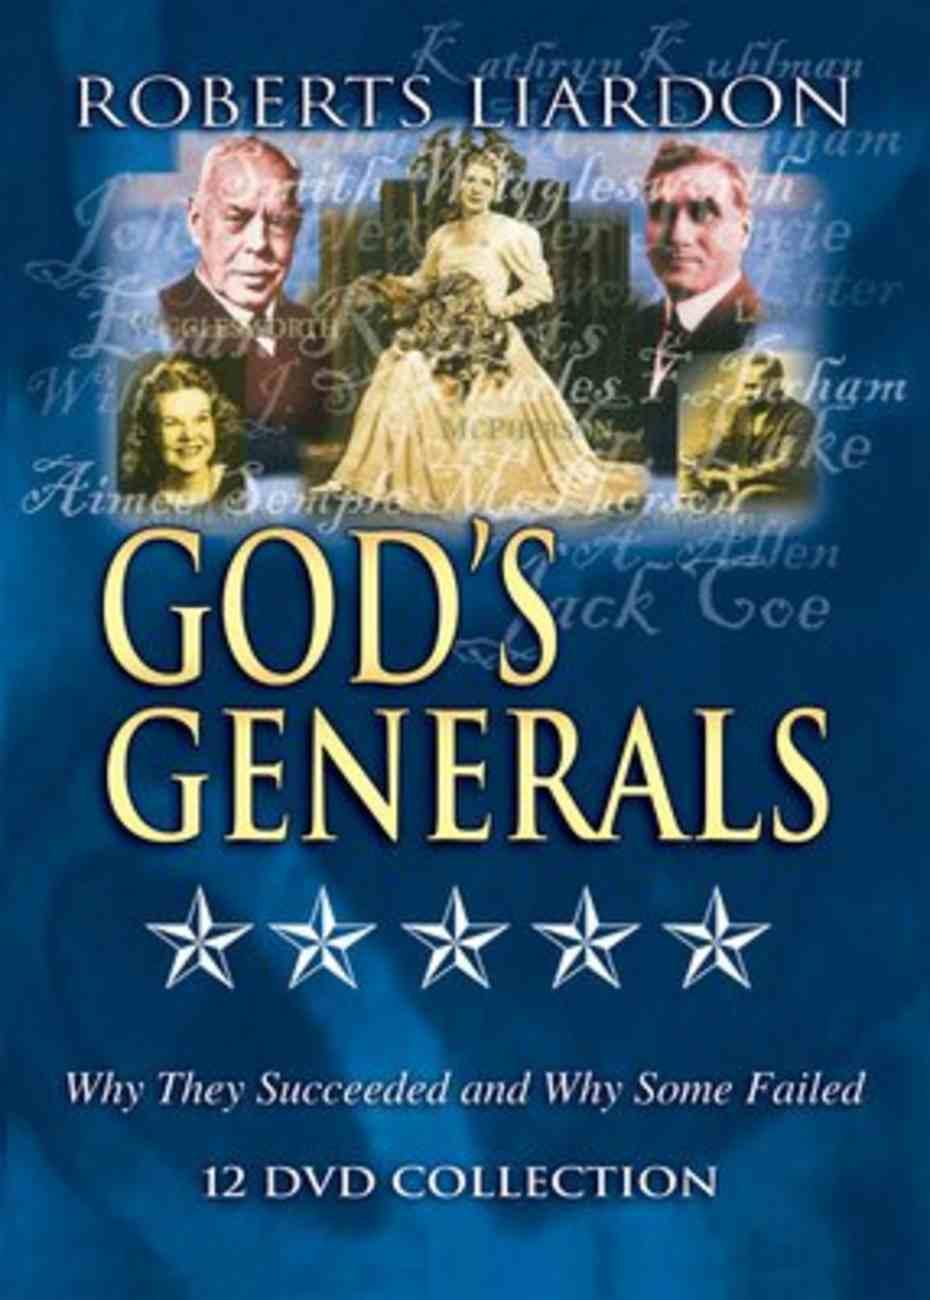 God's Generals Set DVD